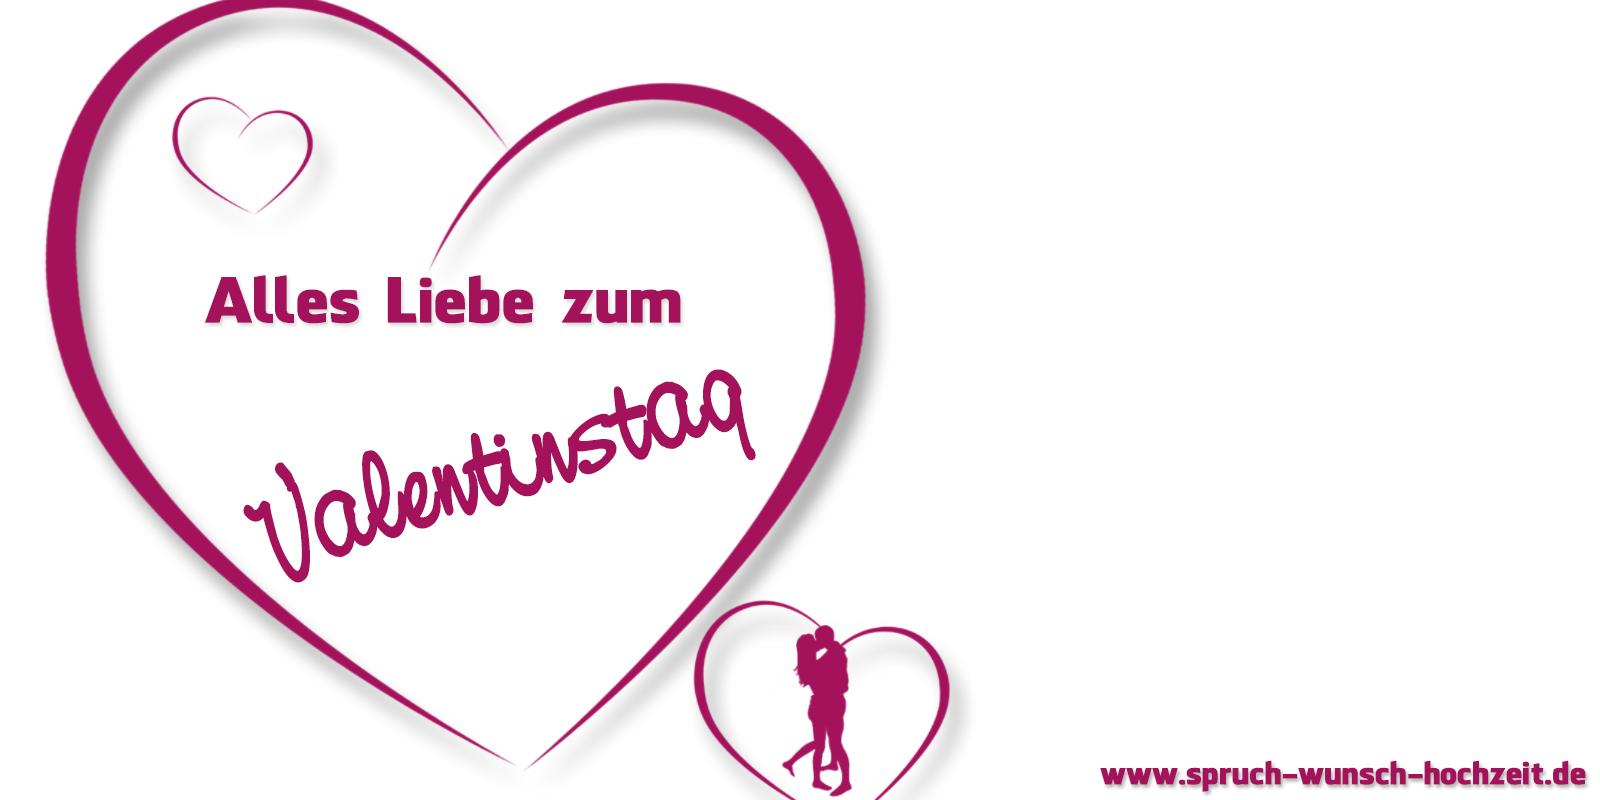 hochzeitssprüche und hochzeitswünsche | blog von www.spruch-wunsch